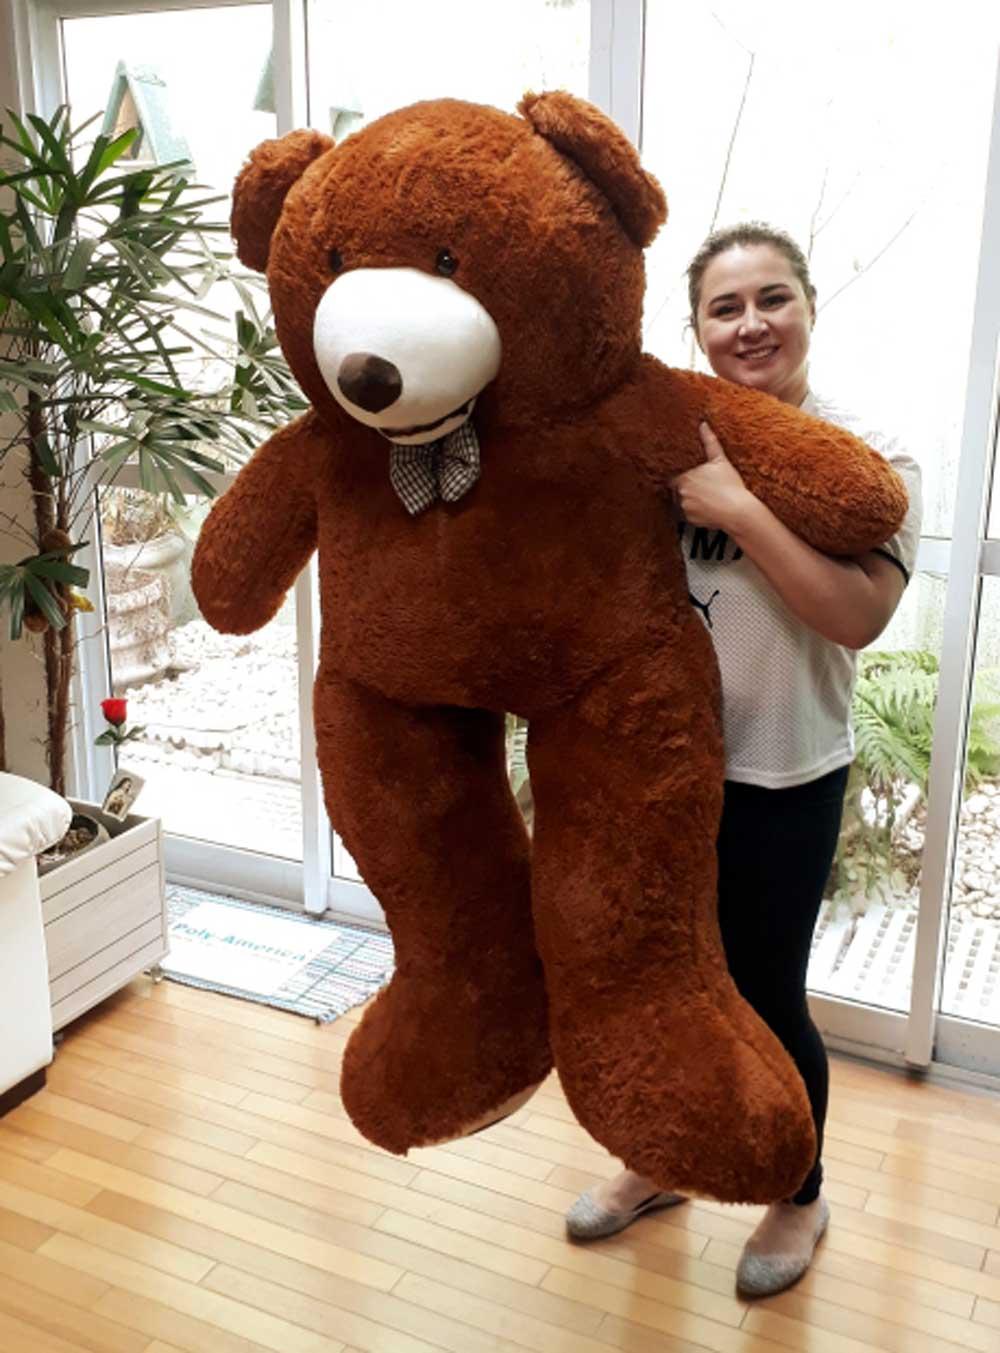 Urso de Pelúcia Marrom Fofo Enorme Gigante Grande 1,60 metros ou 160cm de altura